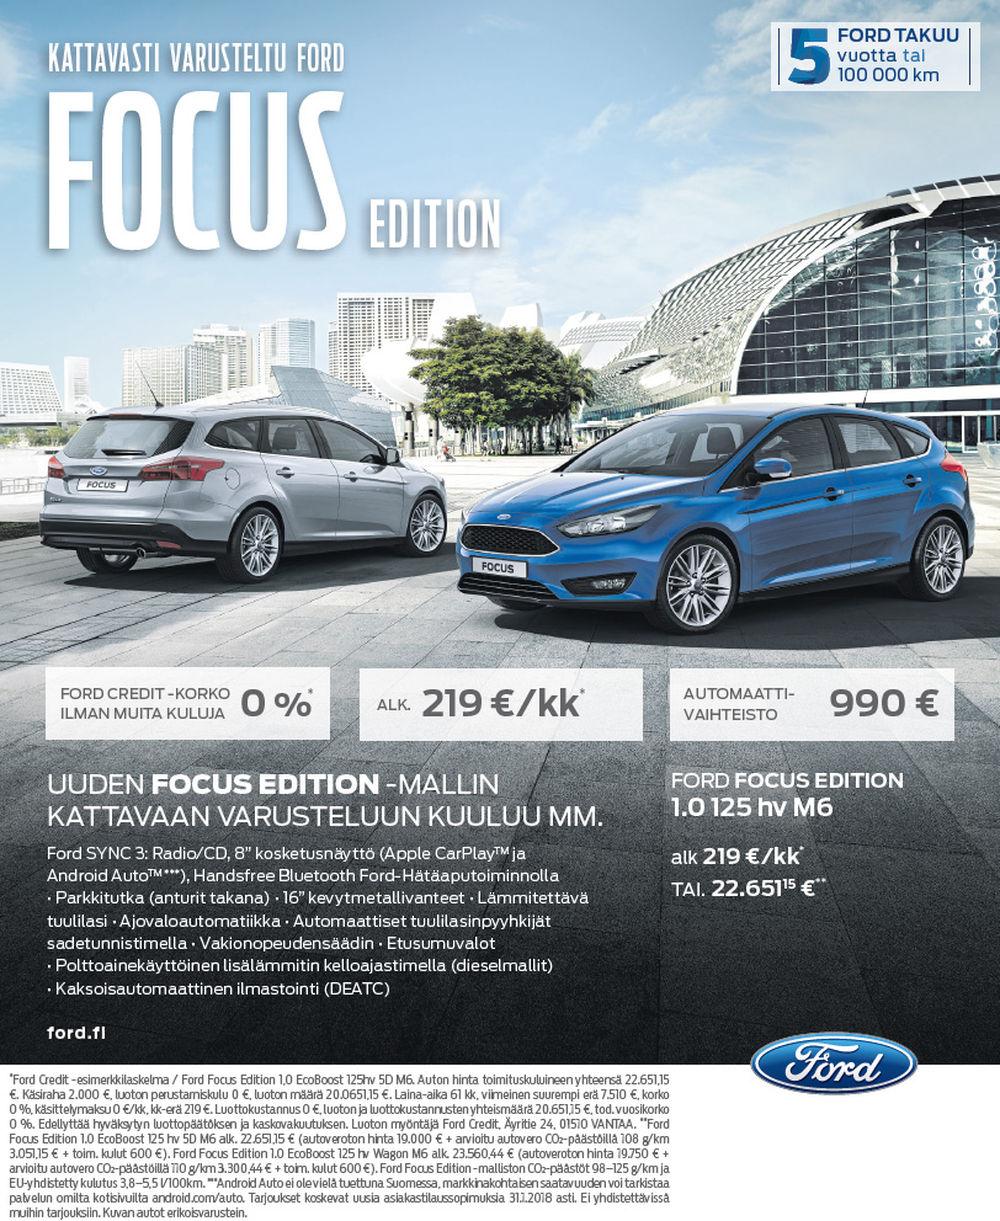 Kattavasti varusteltu Ford Focus Edition